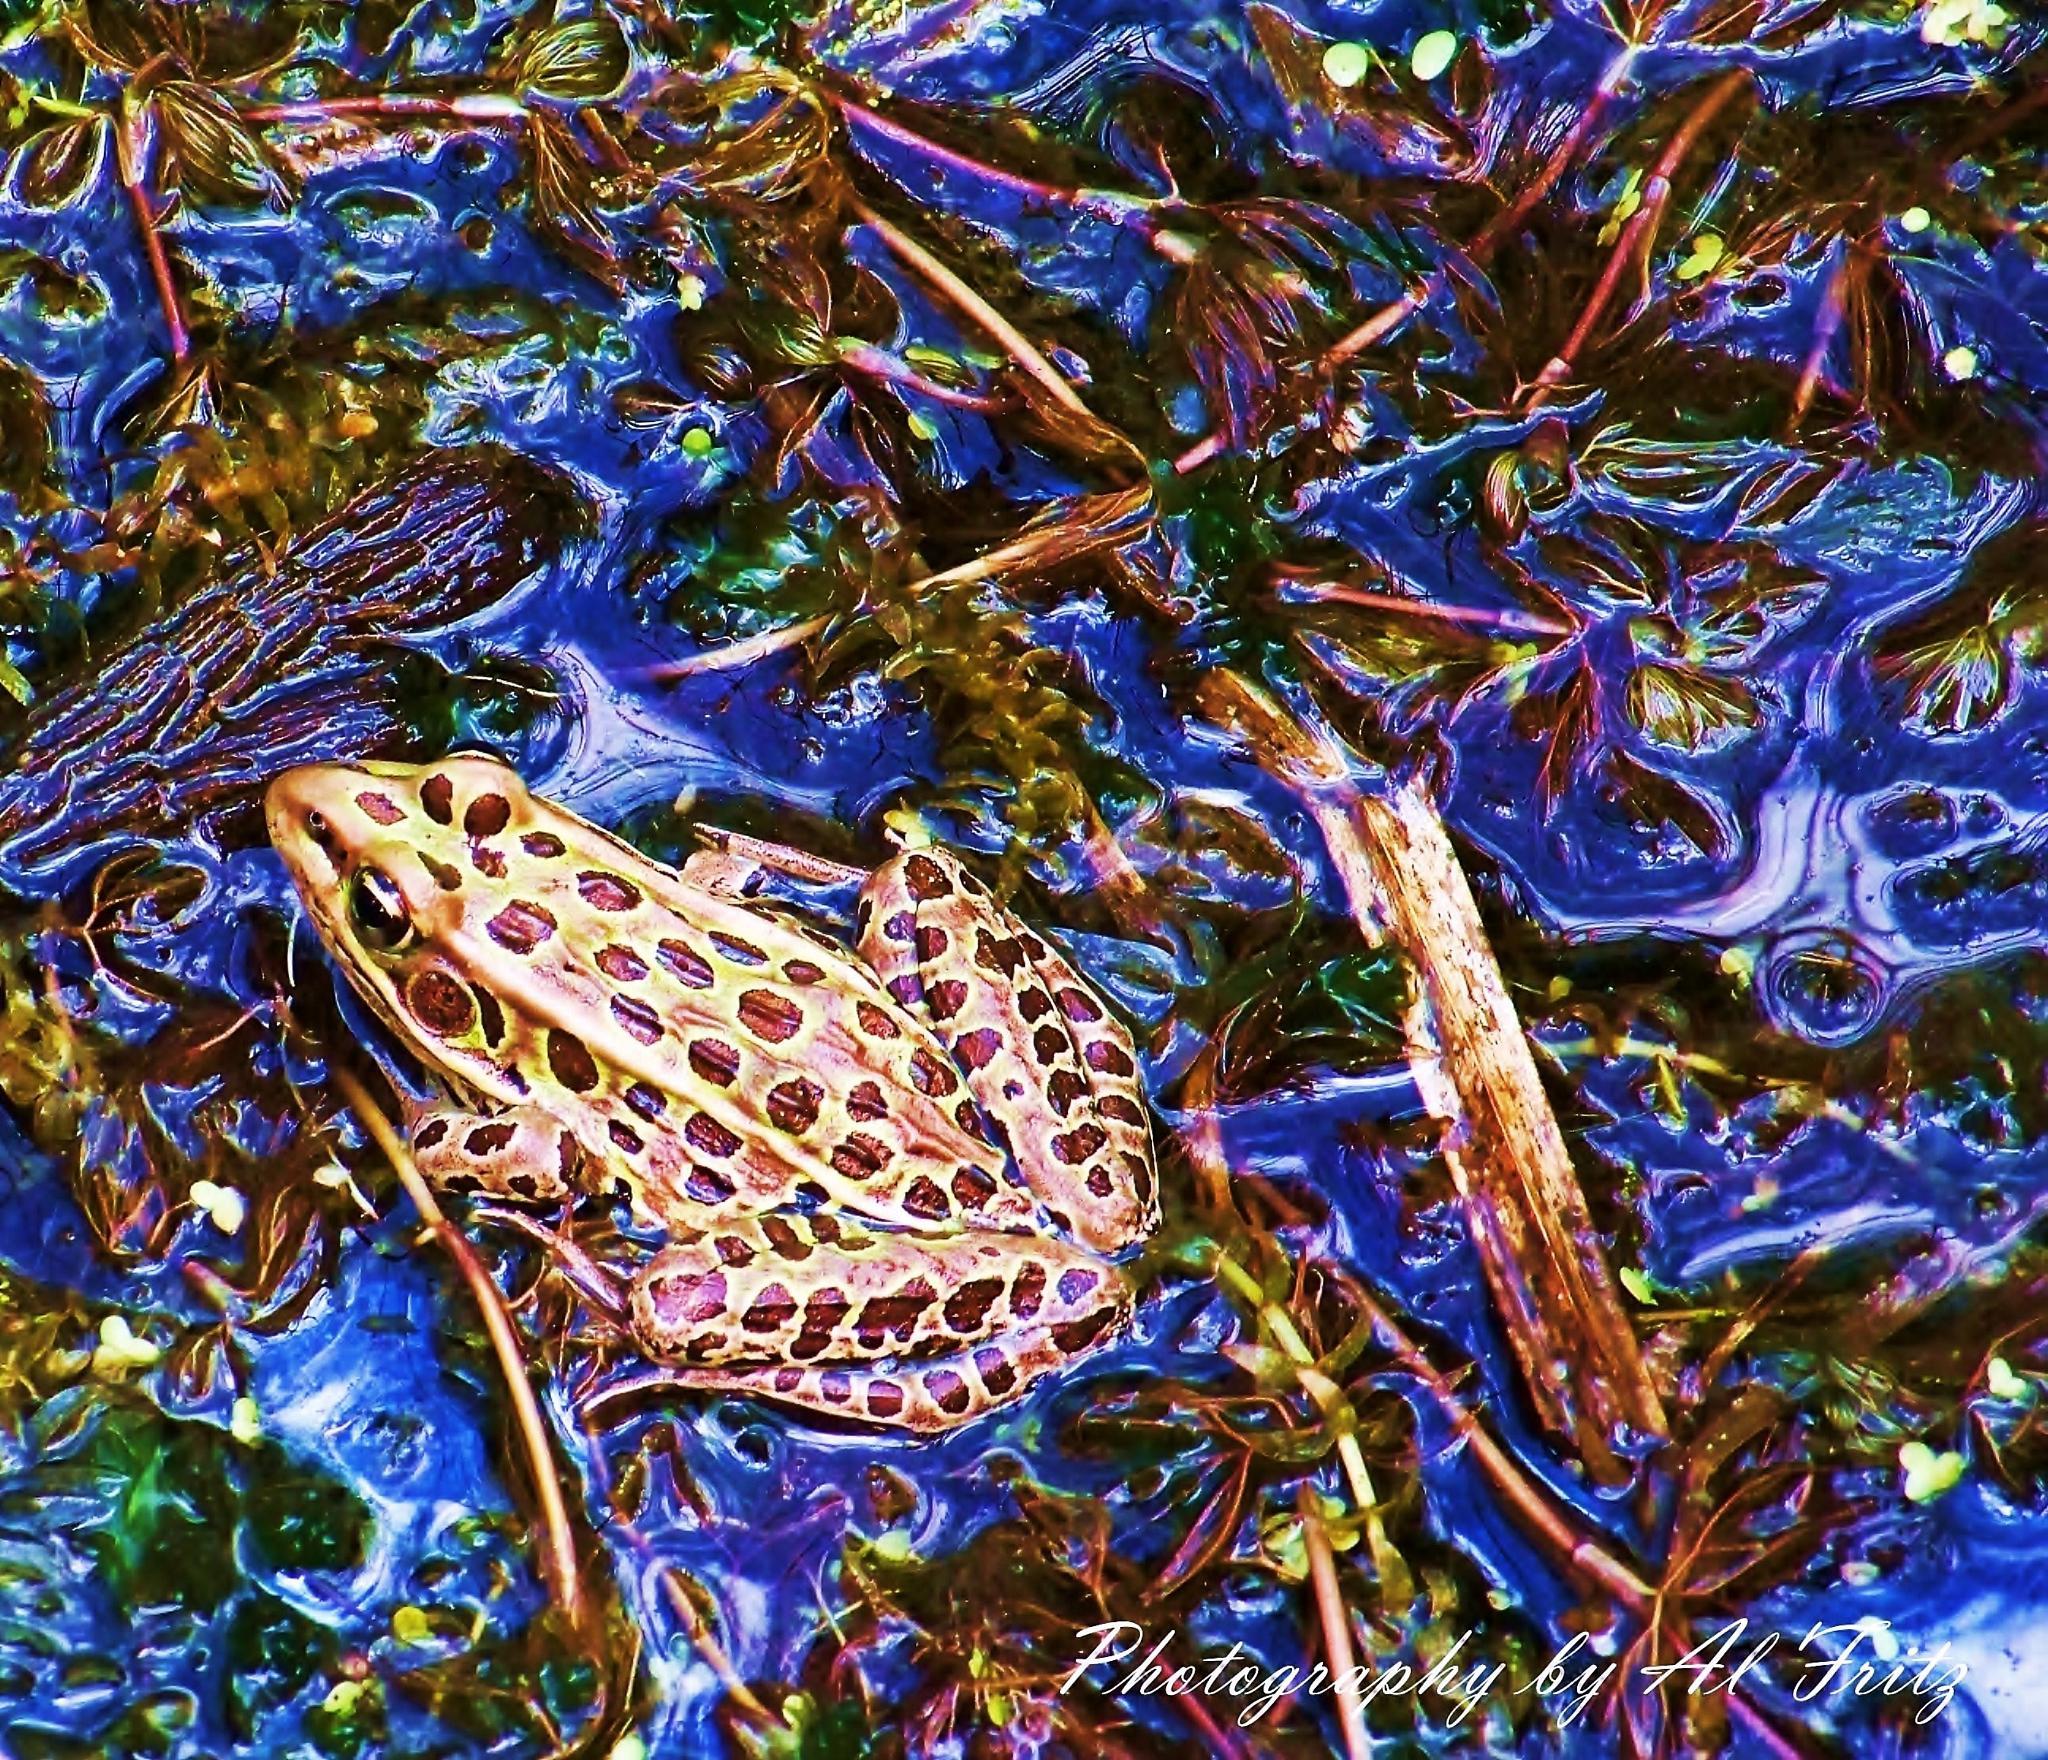 Frog in Blue by Allan Fritz